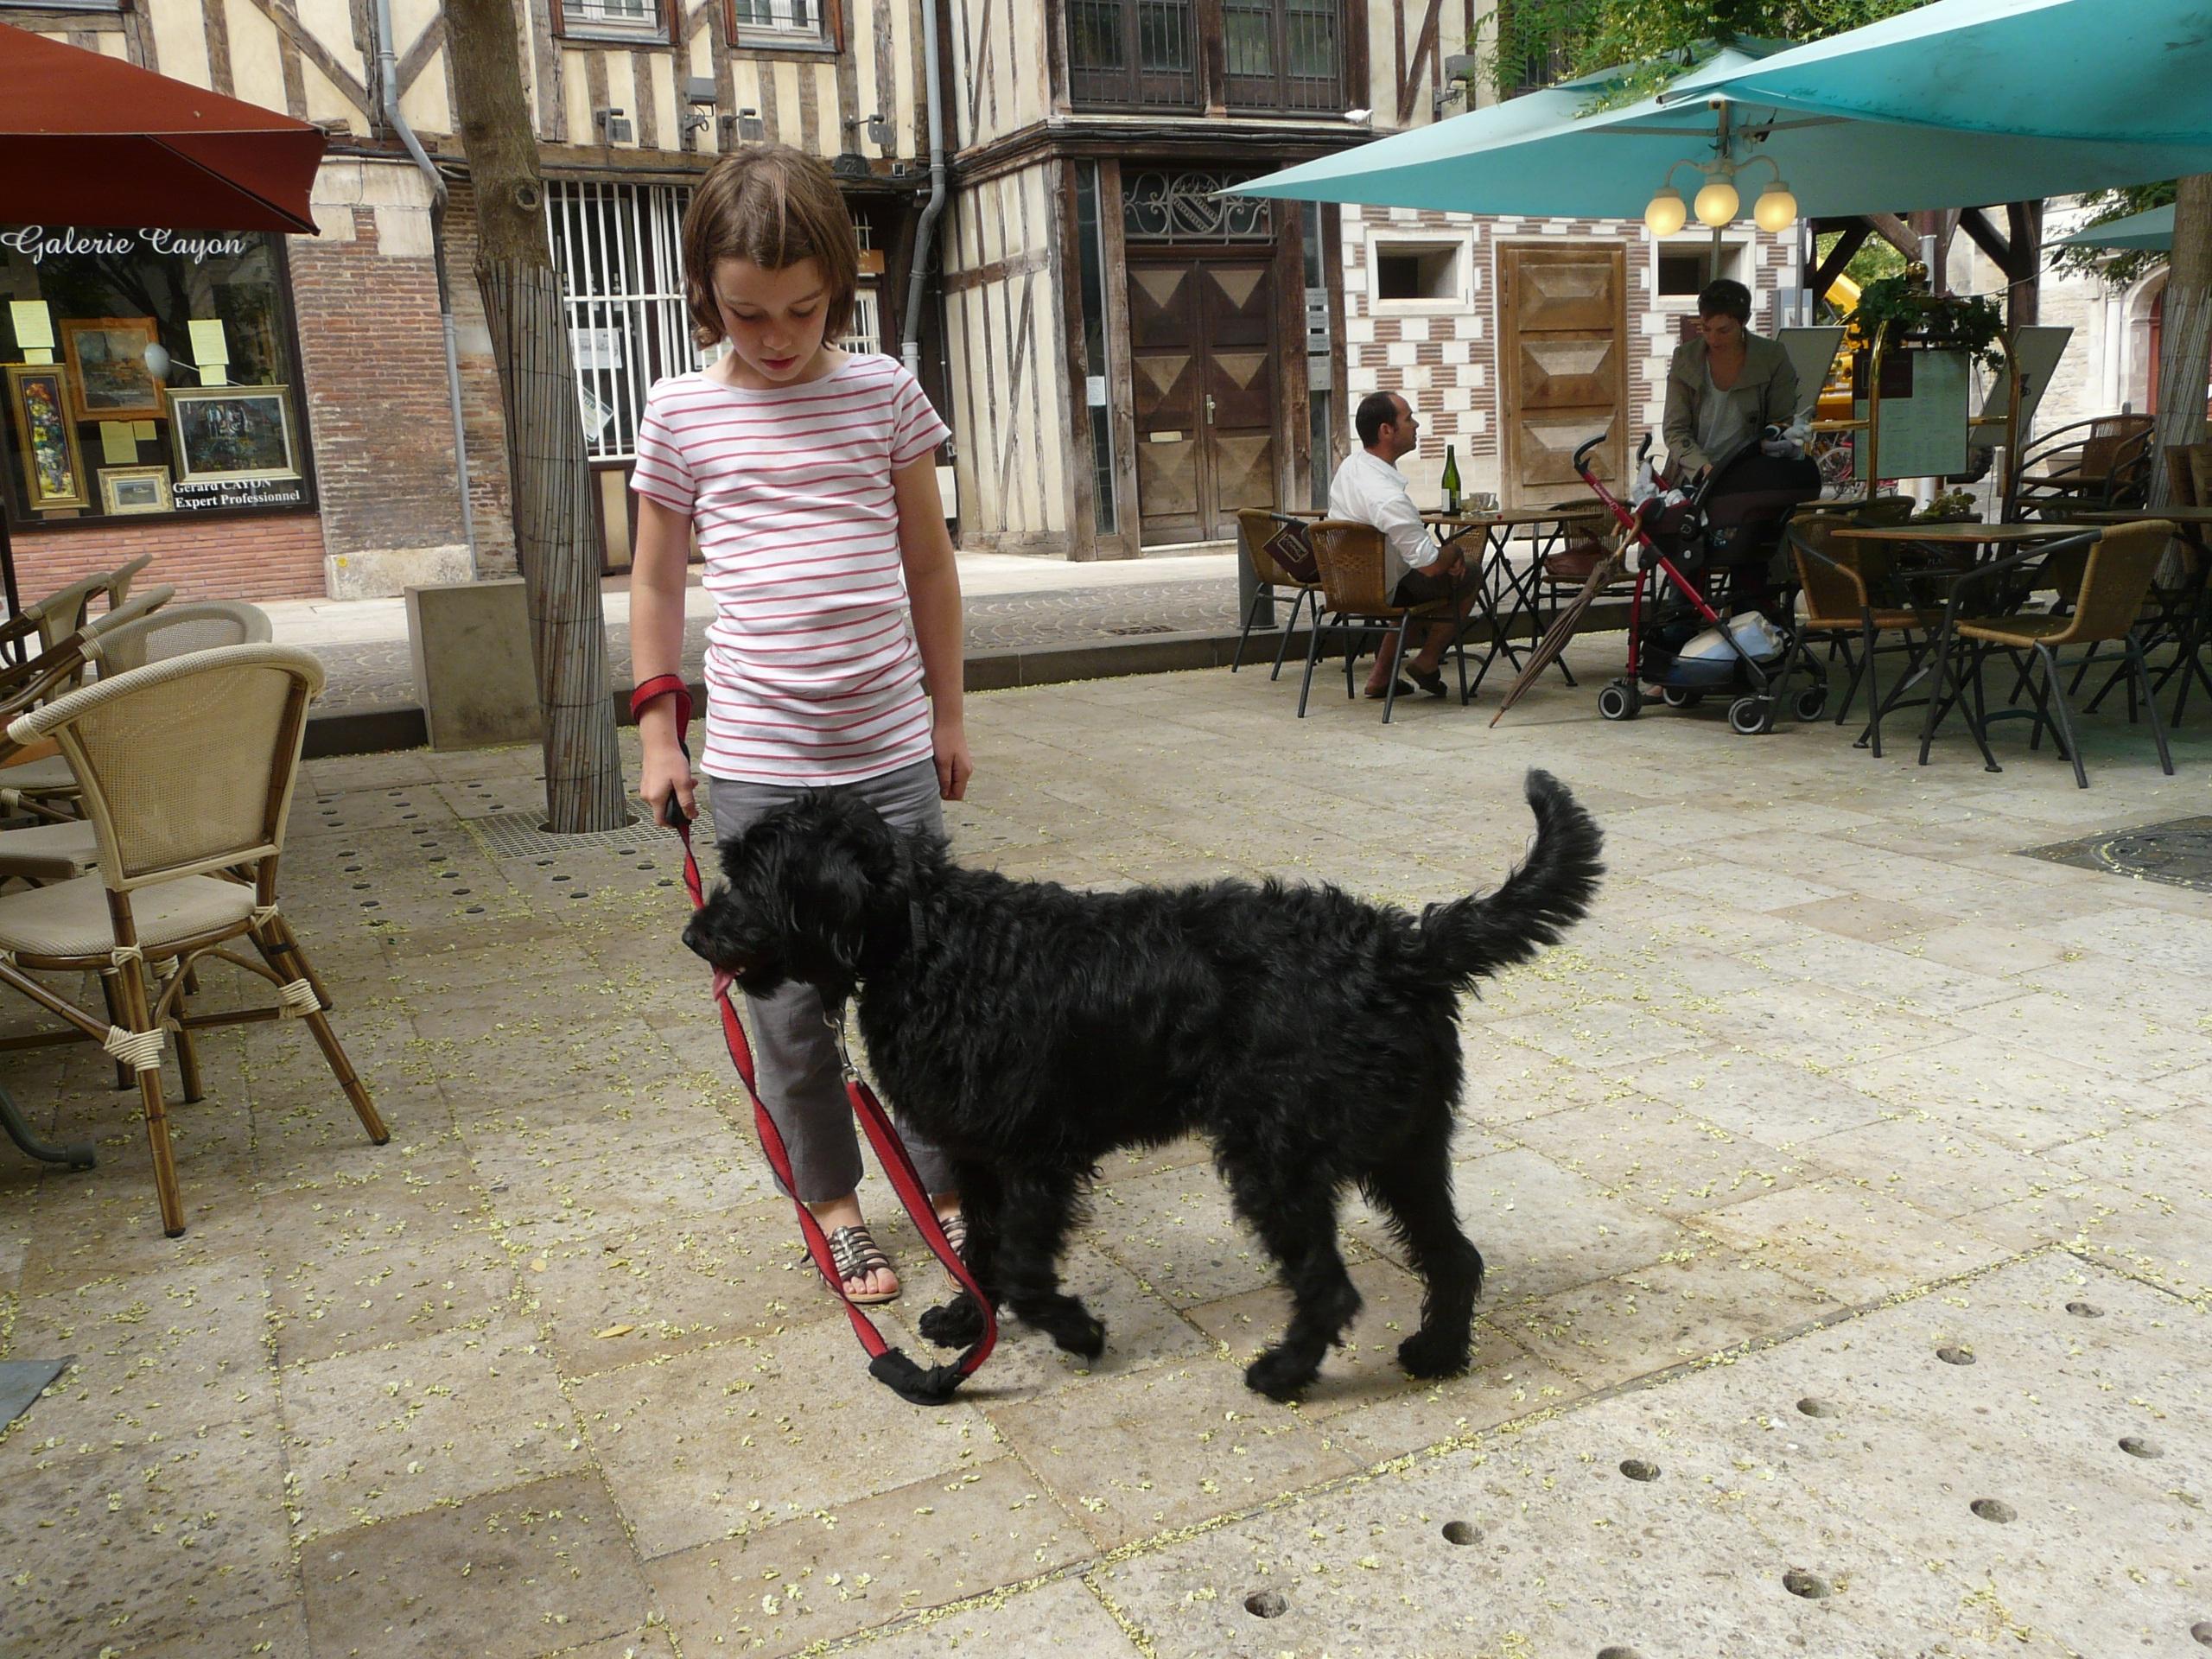 Free Images : play, animal, pet, child, playing, black